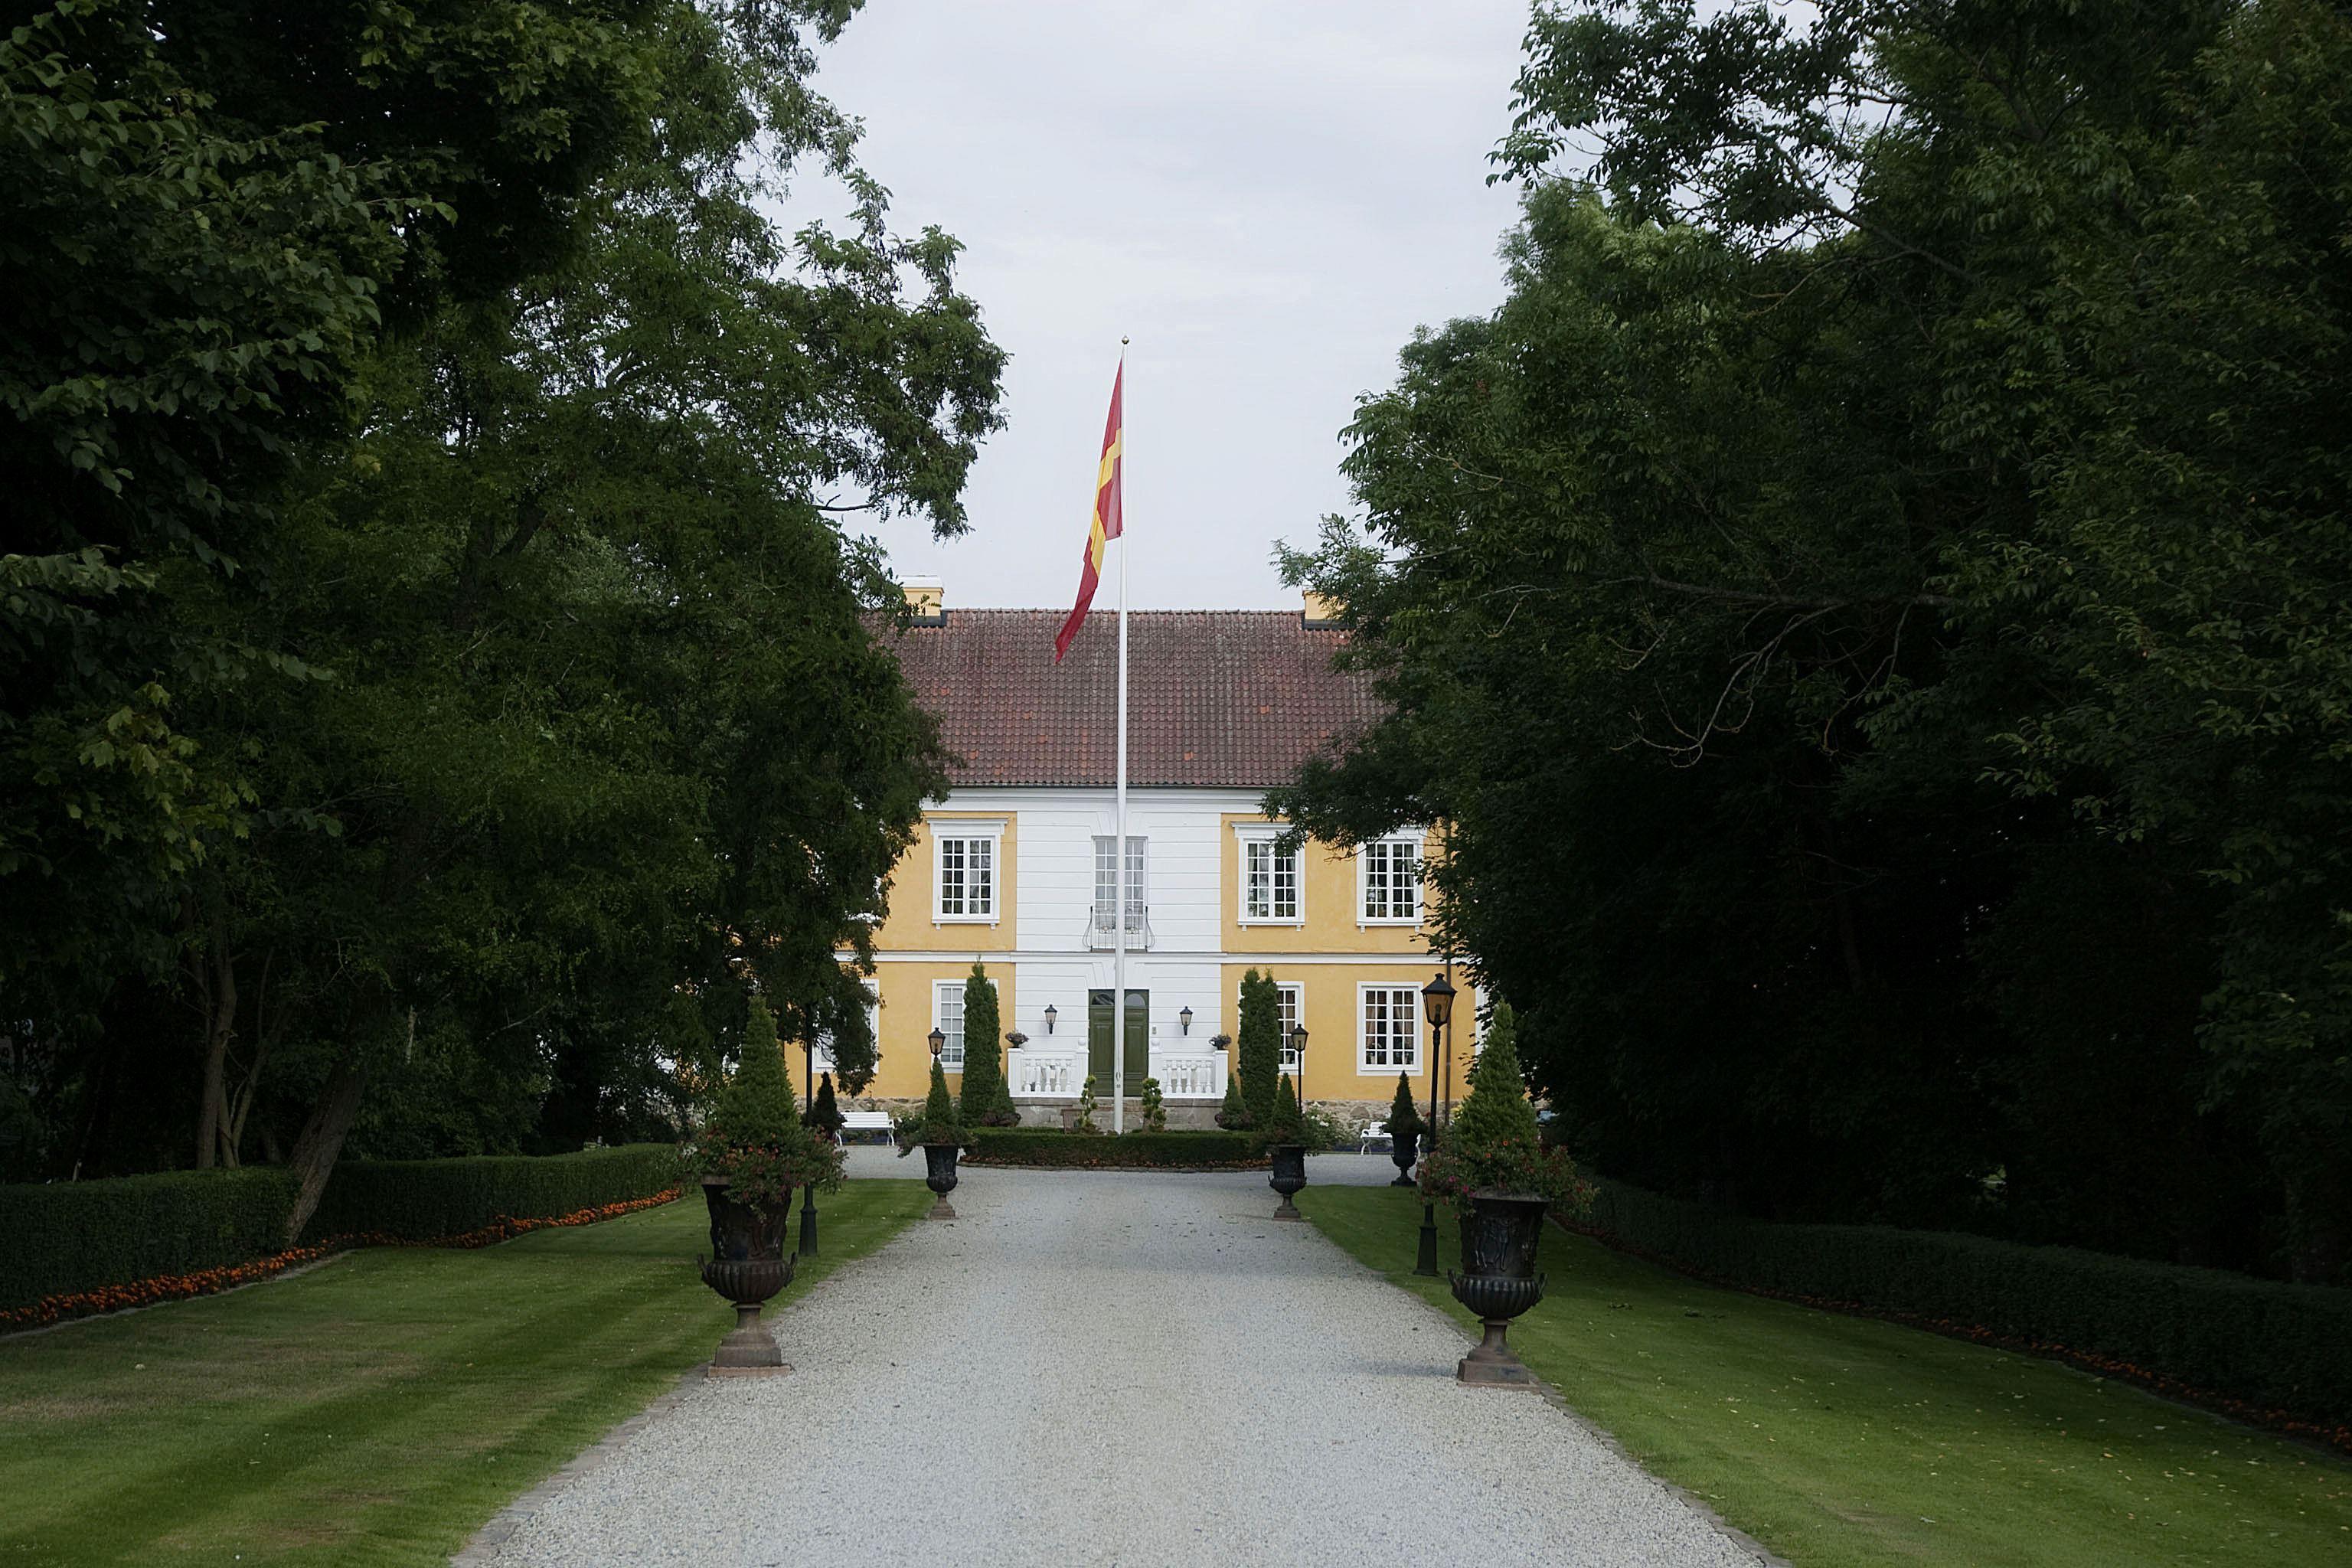 Fulltofta slott